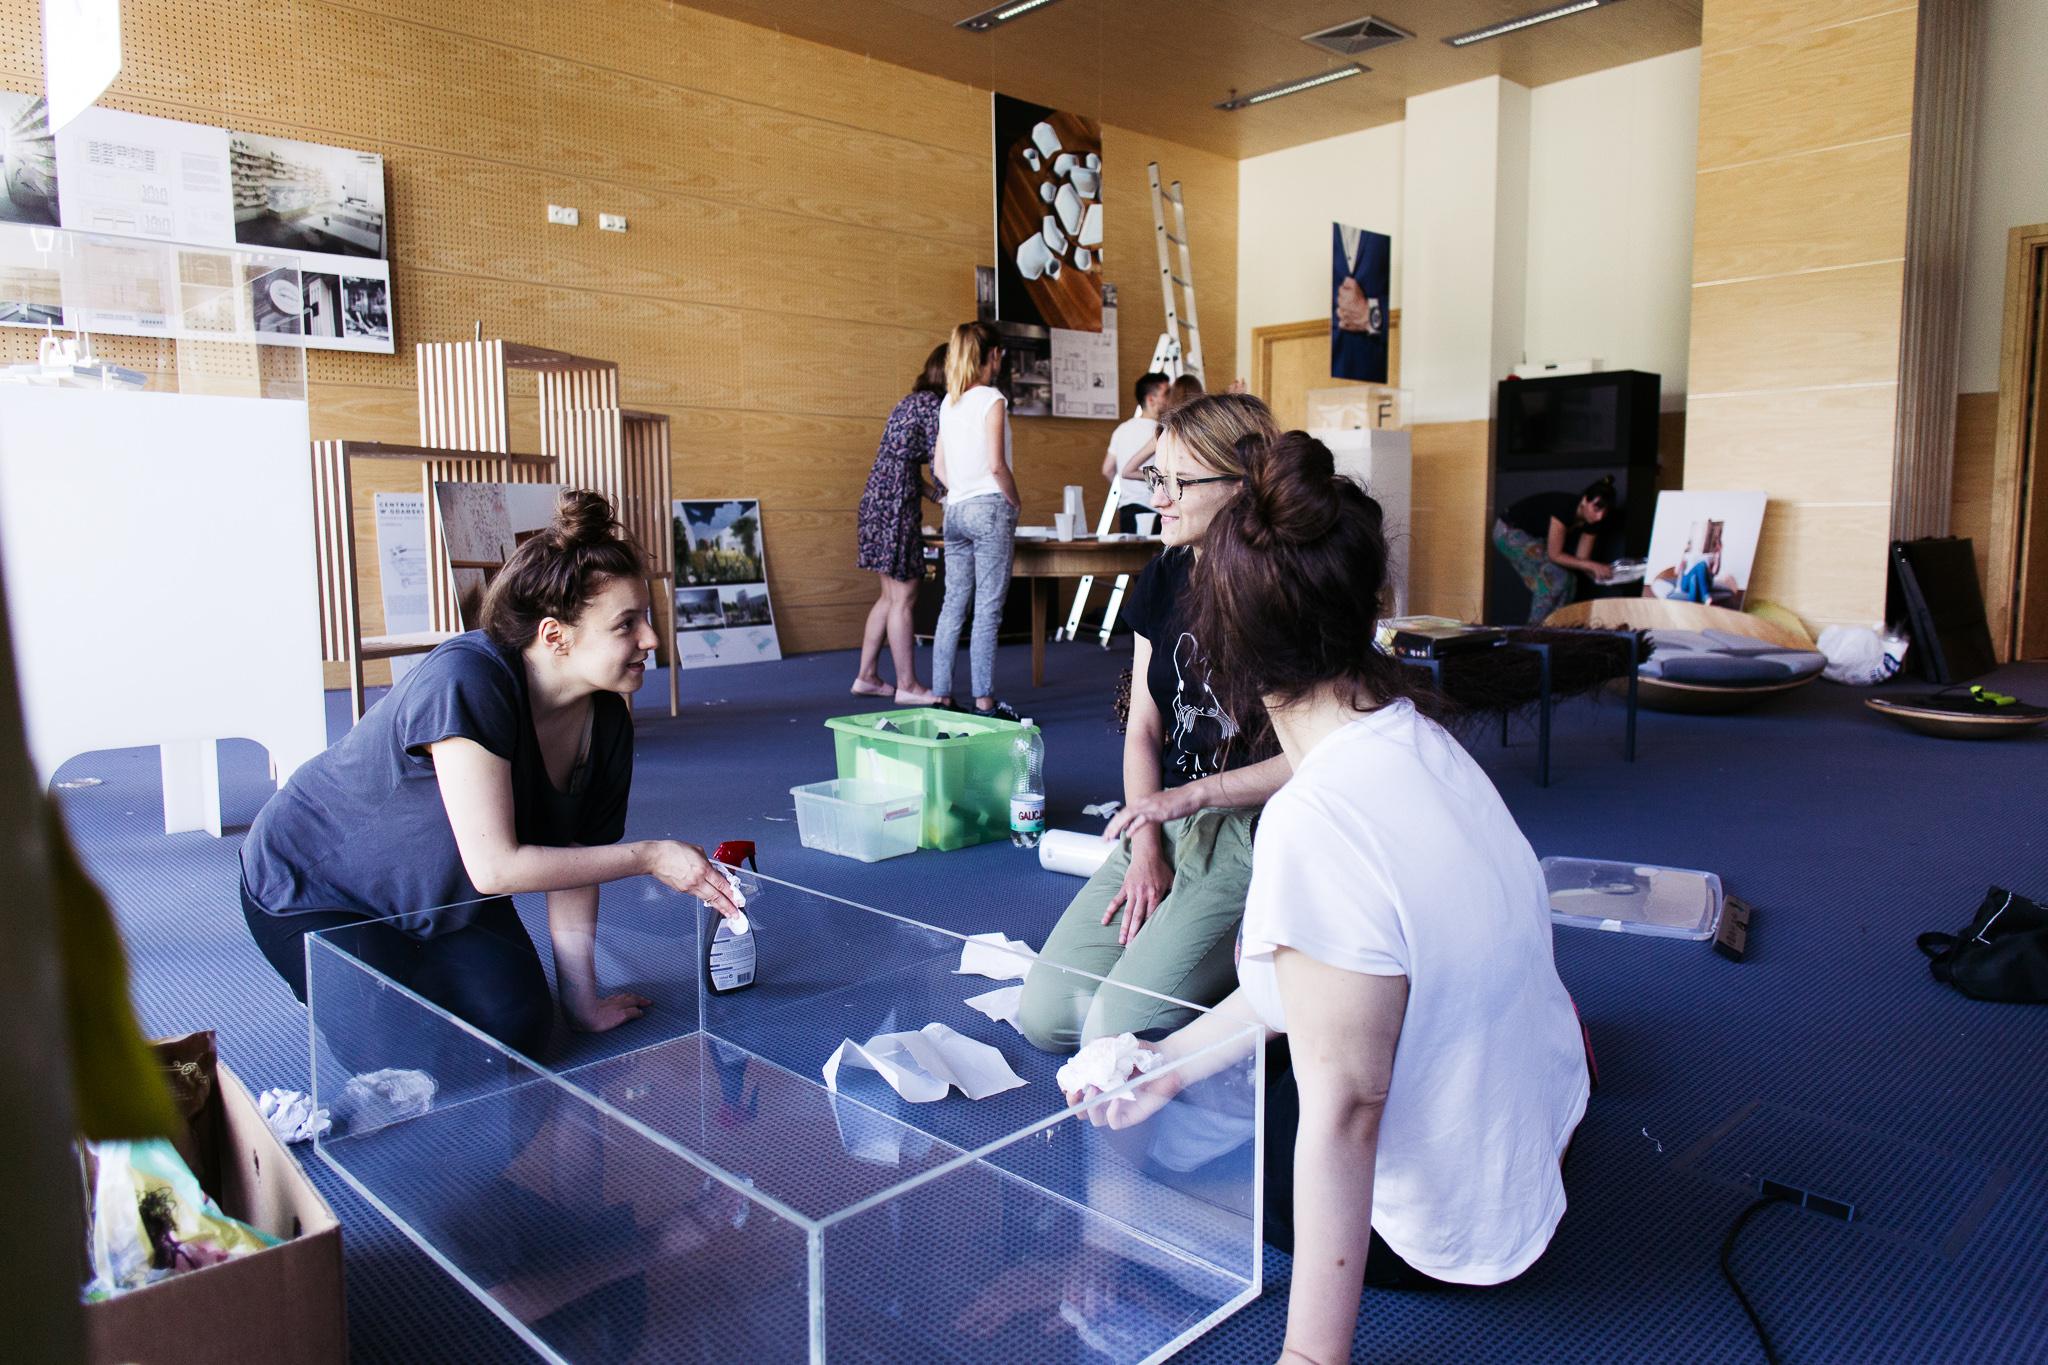 Trwa nabór wolontariuszy, fot. gdyniadesigndays.eu